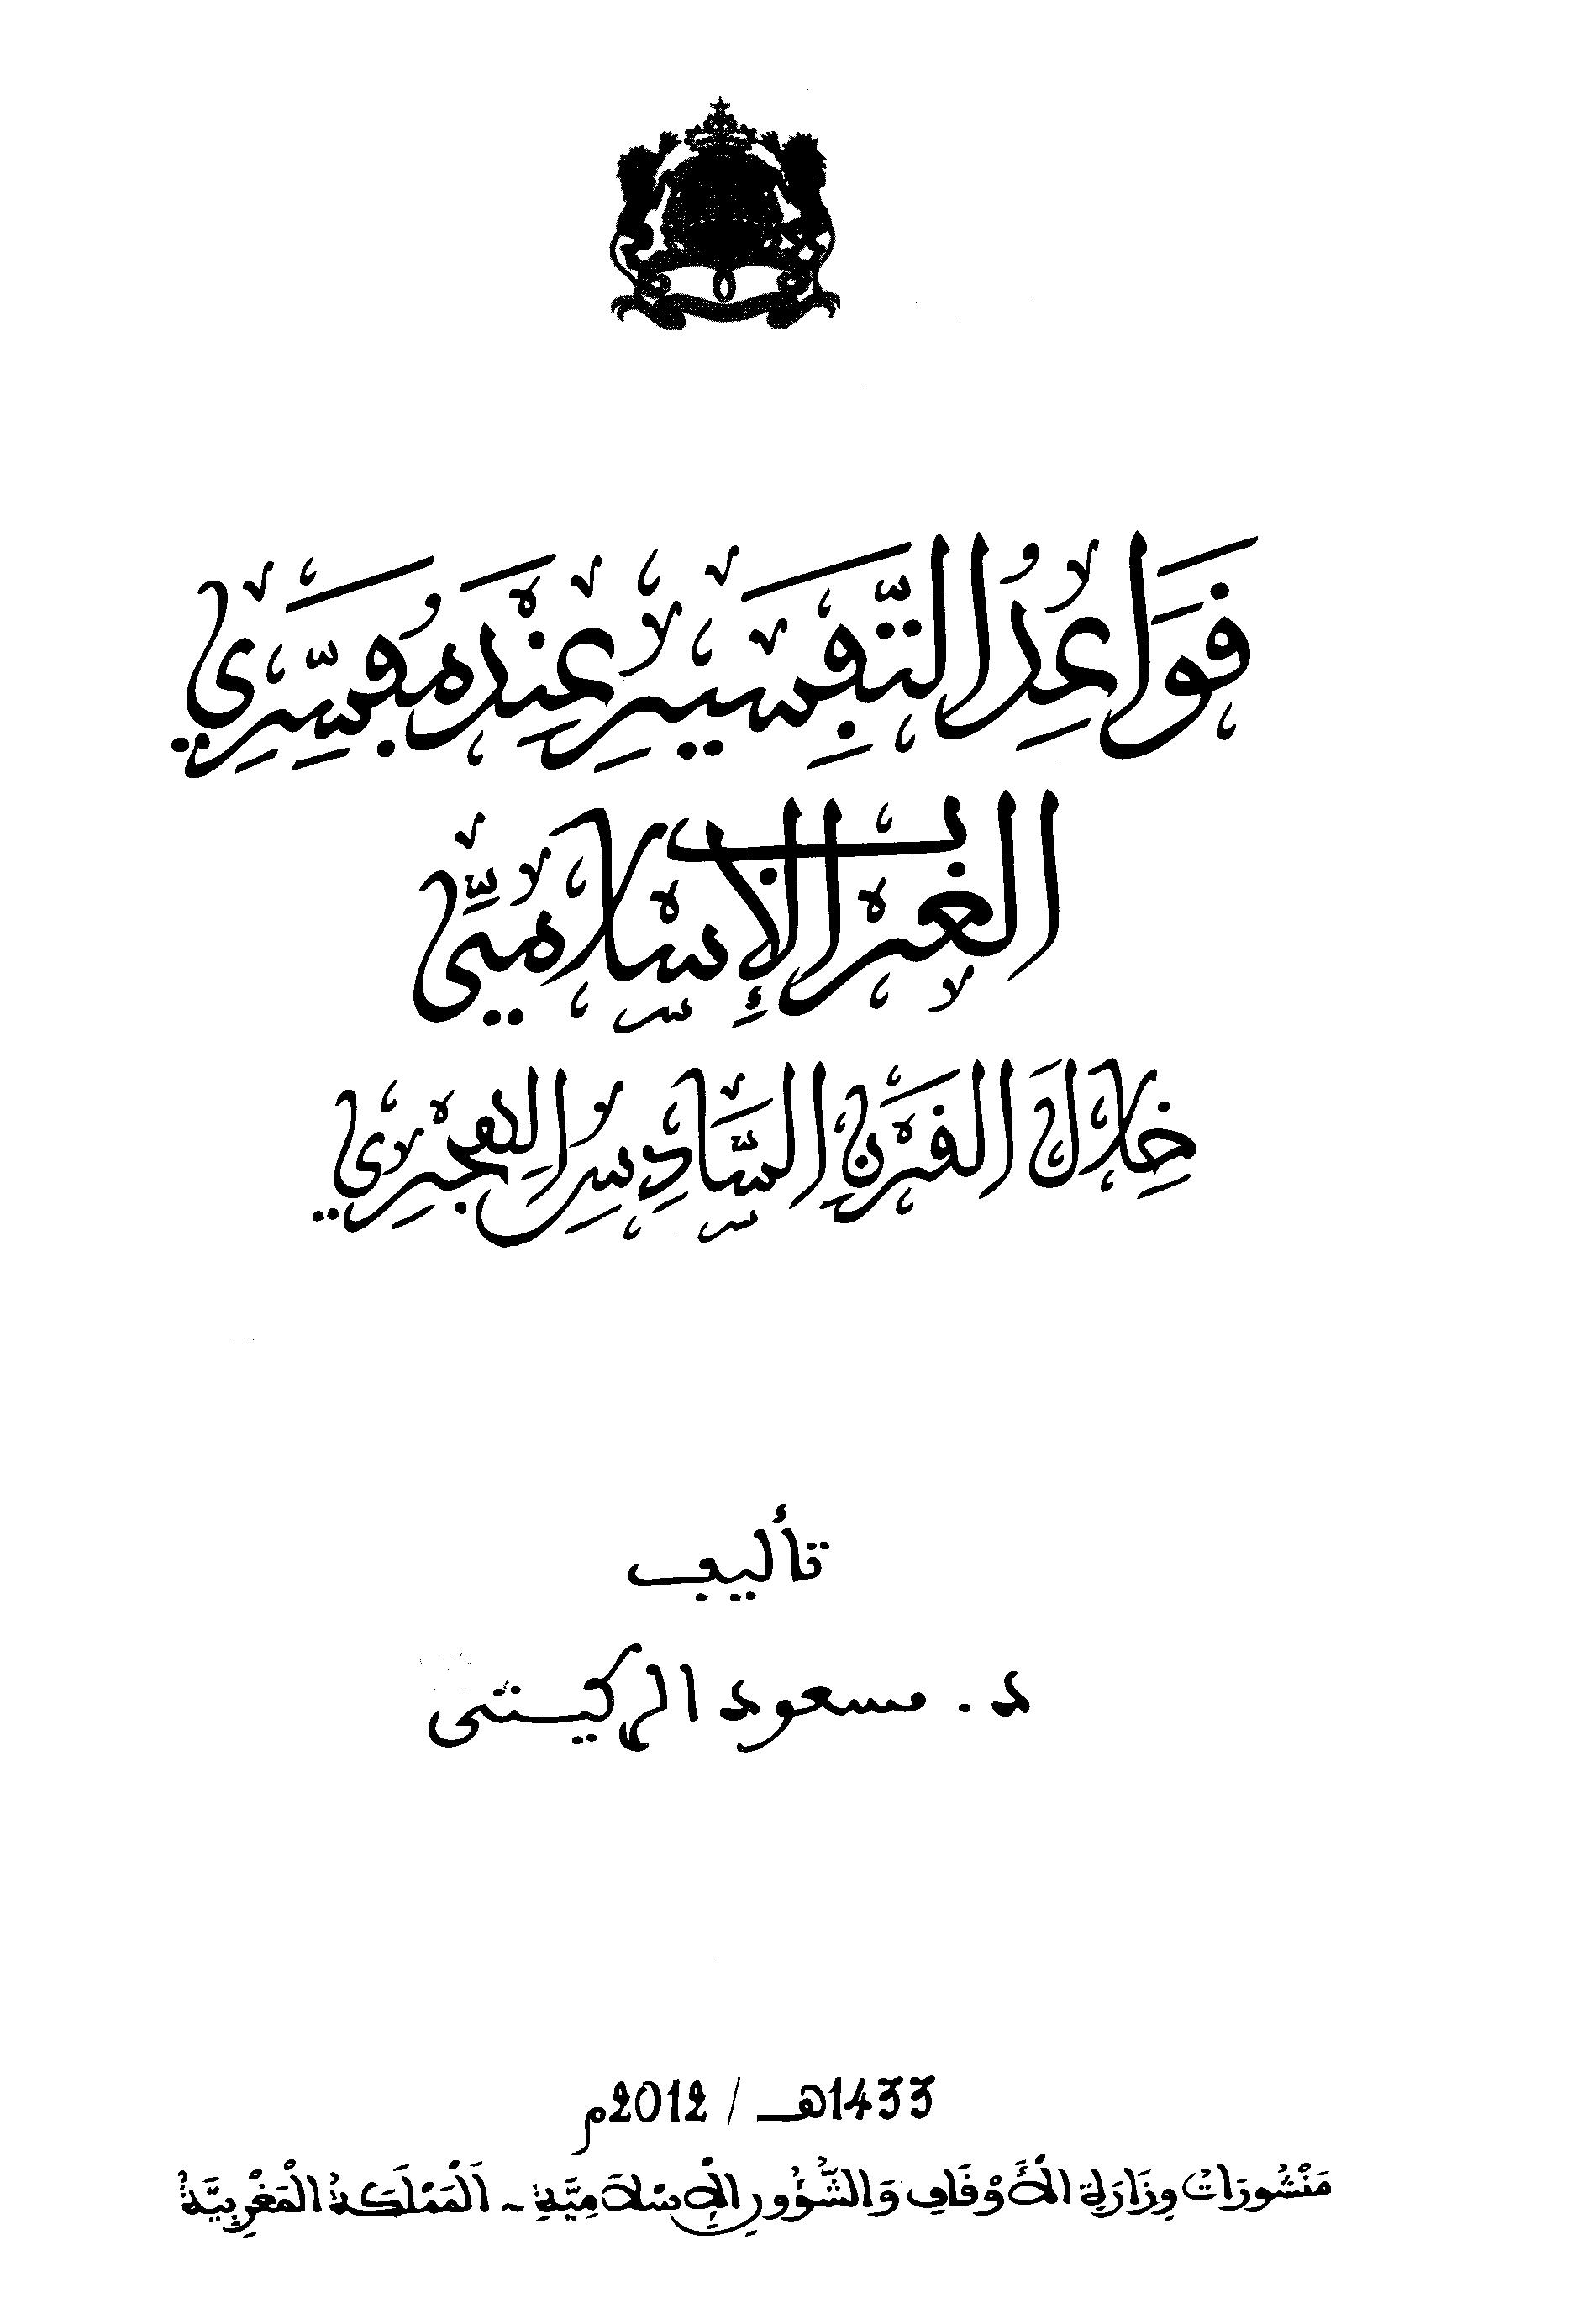 تحميل كتاب قواعد التفسير عند مفسري الغرب الإسلامي خلال القرن السادس الهجري لـِ: الدكتور مسعود الركيتي